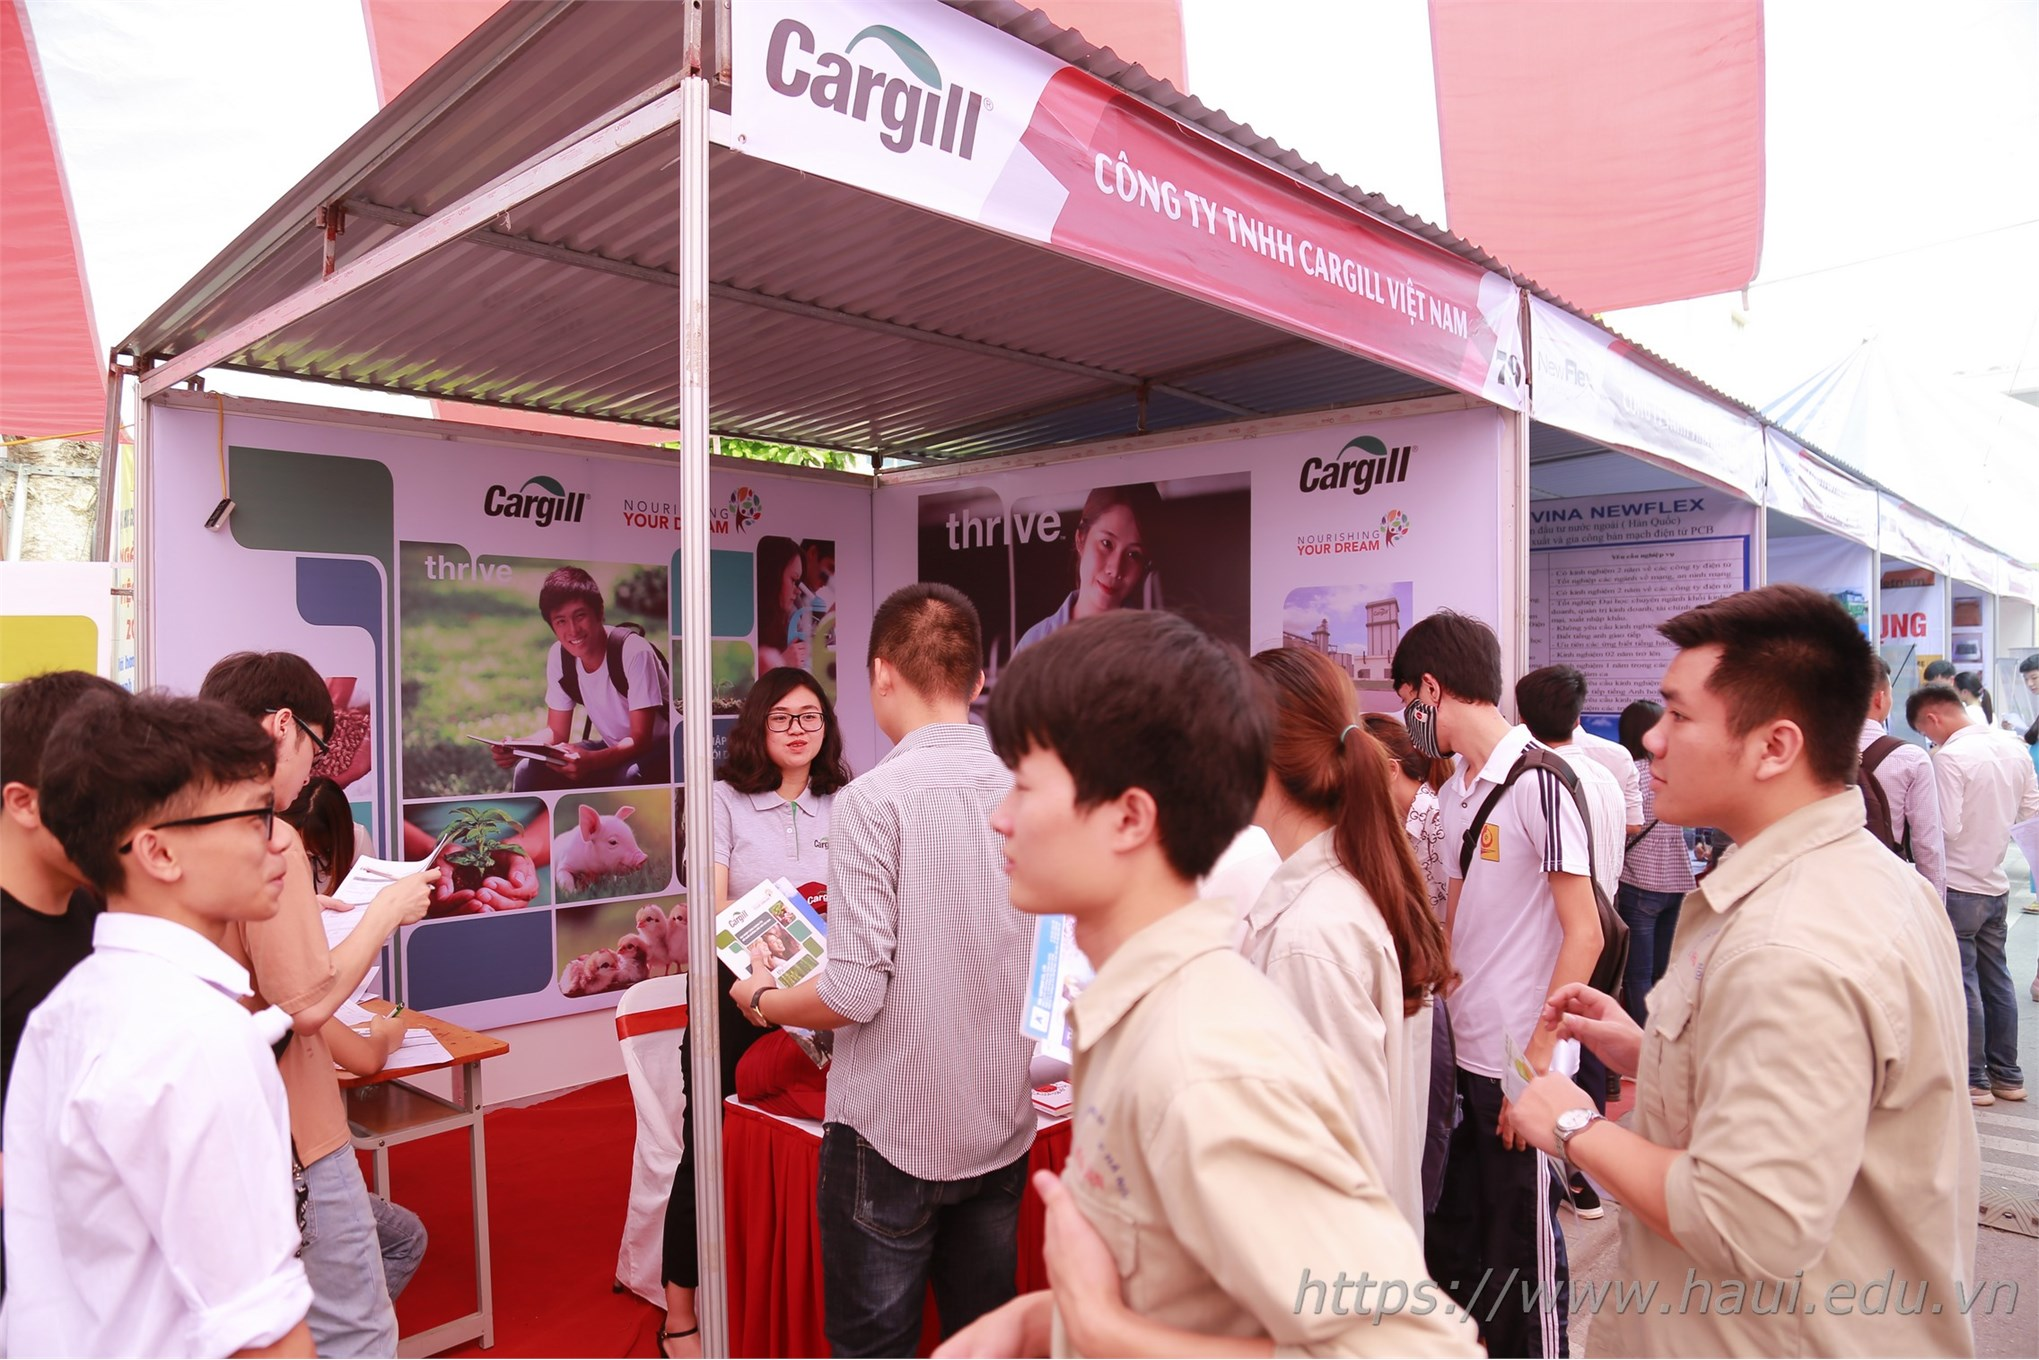 Đại học Công nghiệp Hà Nội tổ chức Ngày hội việc làm với gần 10.000 cơ hội việc làm cho sinh viên